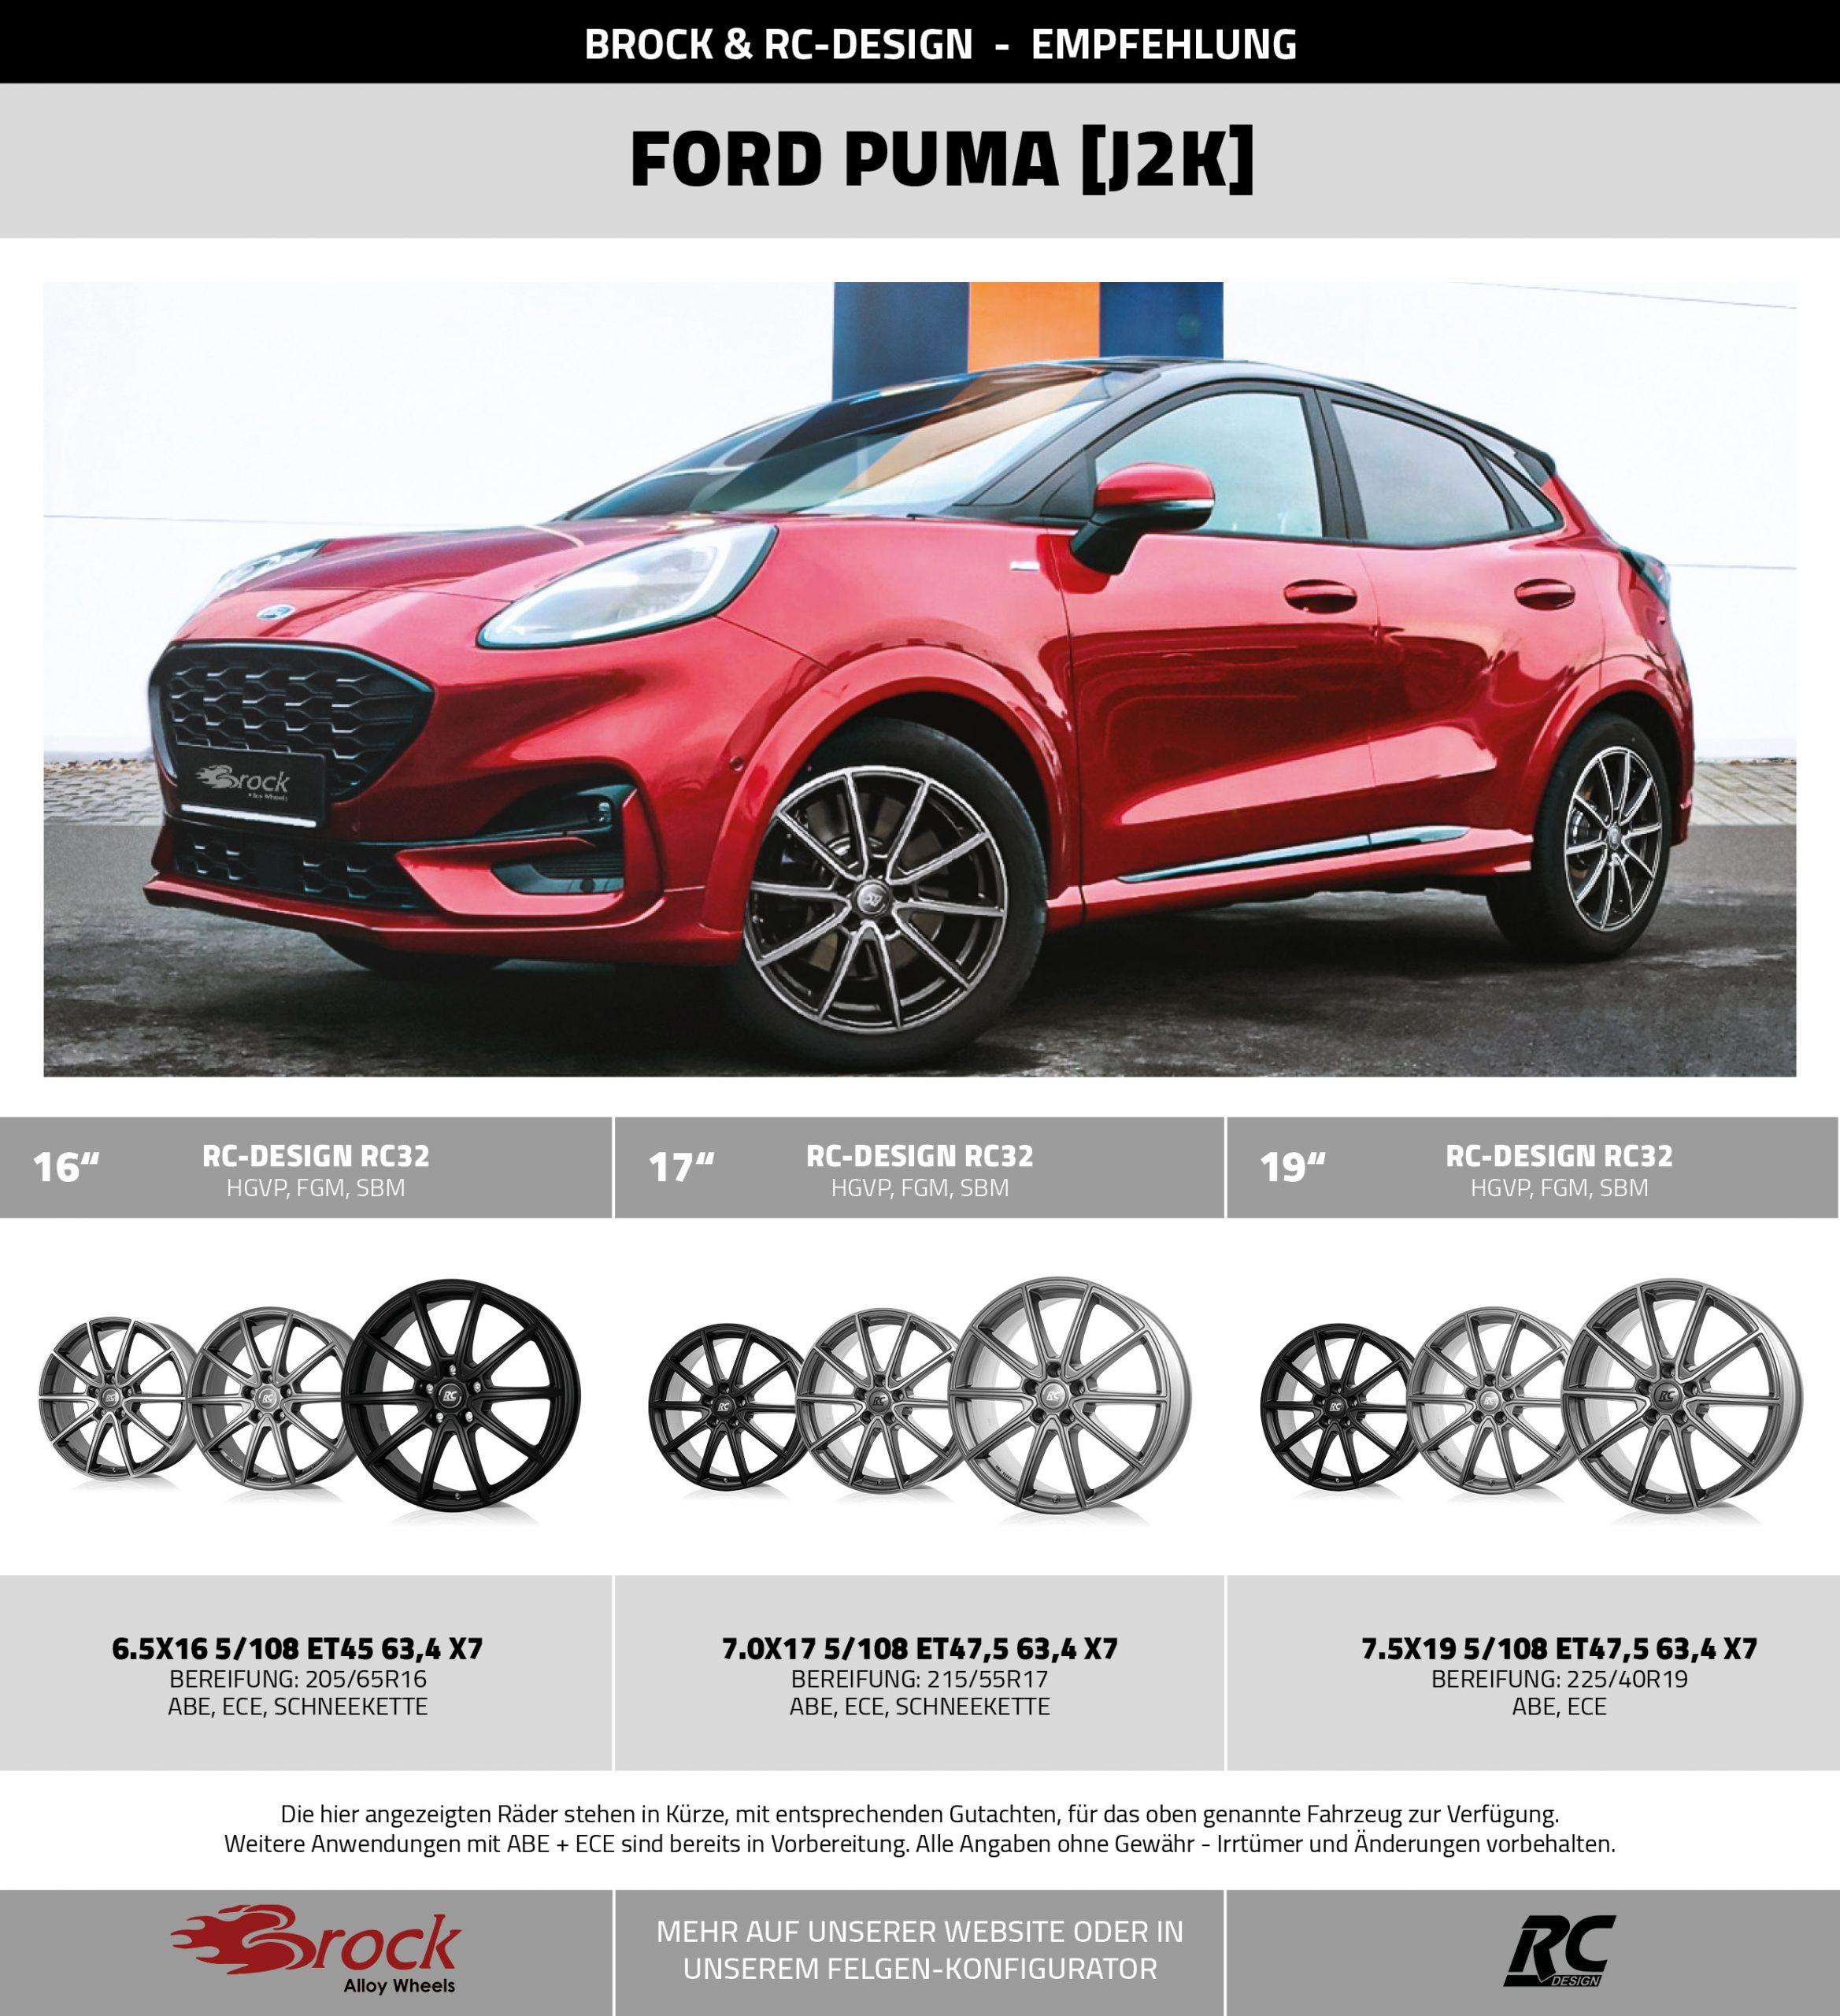 Empfehlung Audi A6 Allroad